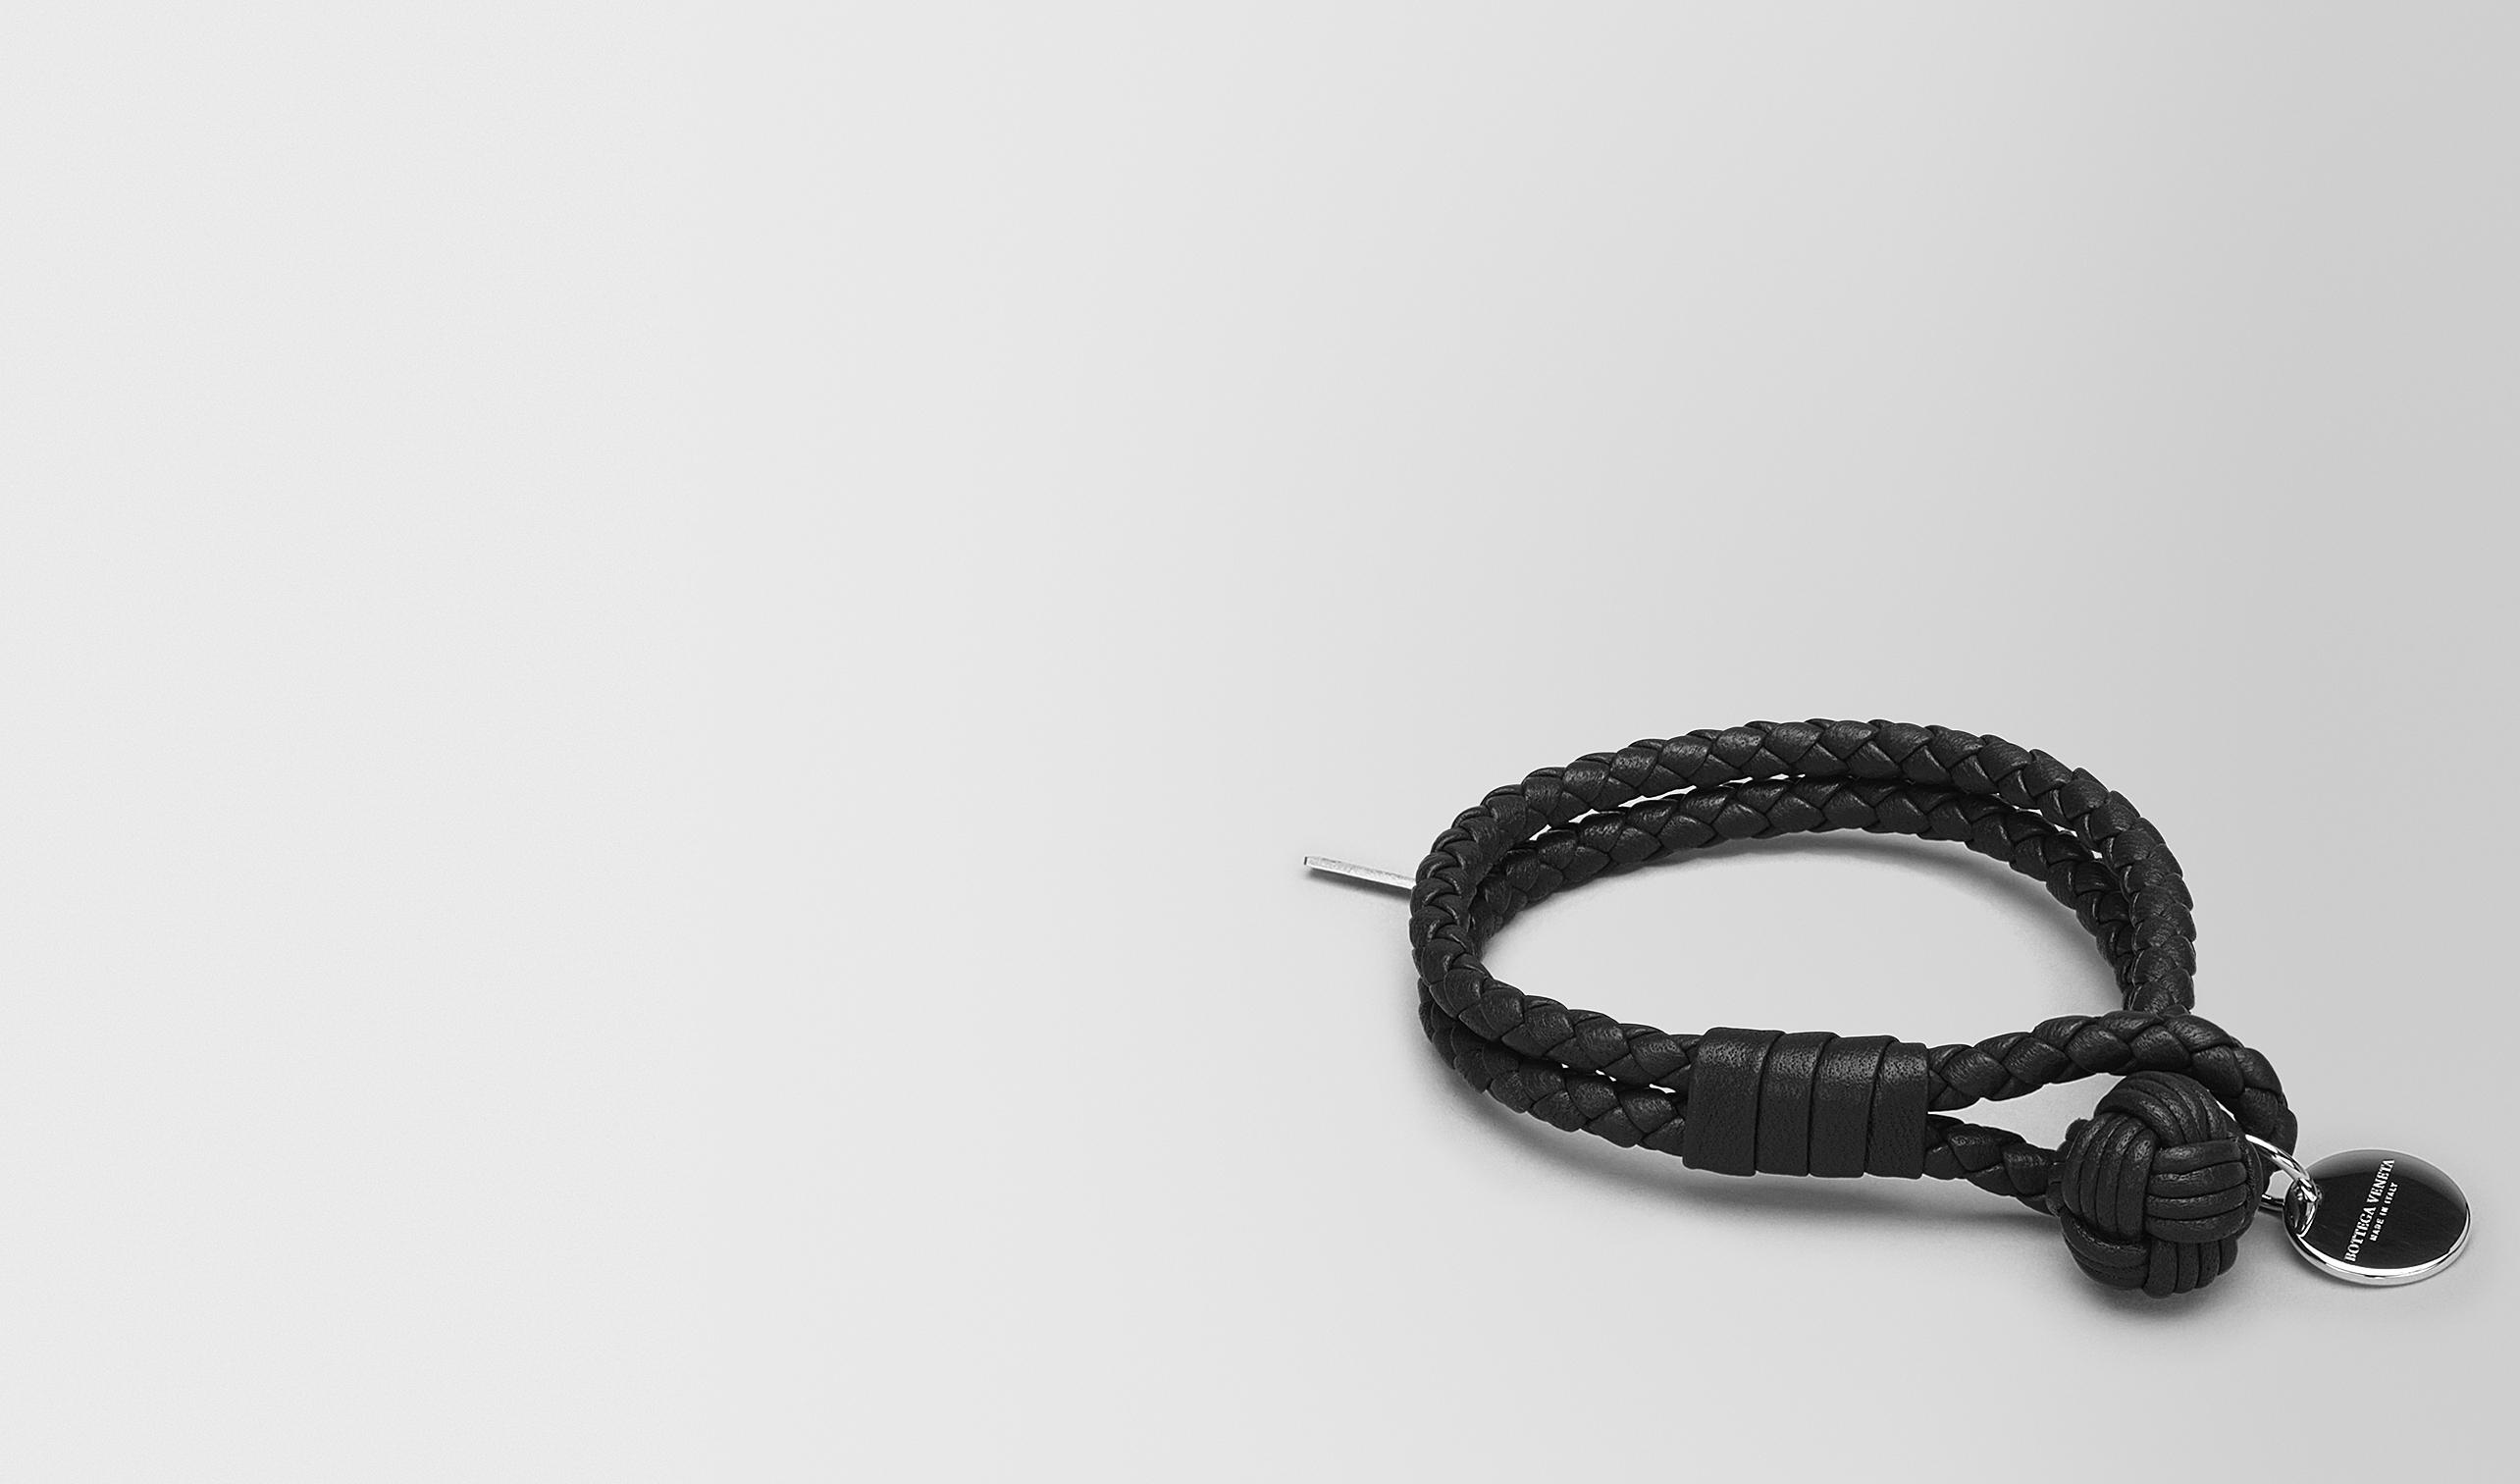 BOTTEGA VENETA Keyring or Bracelets E BRACELET IN NERO INTRECCIATO NAPPA pl